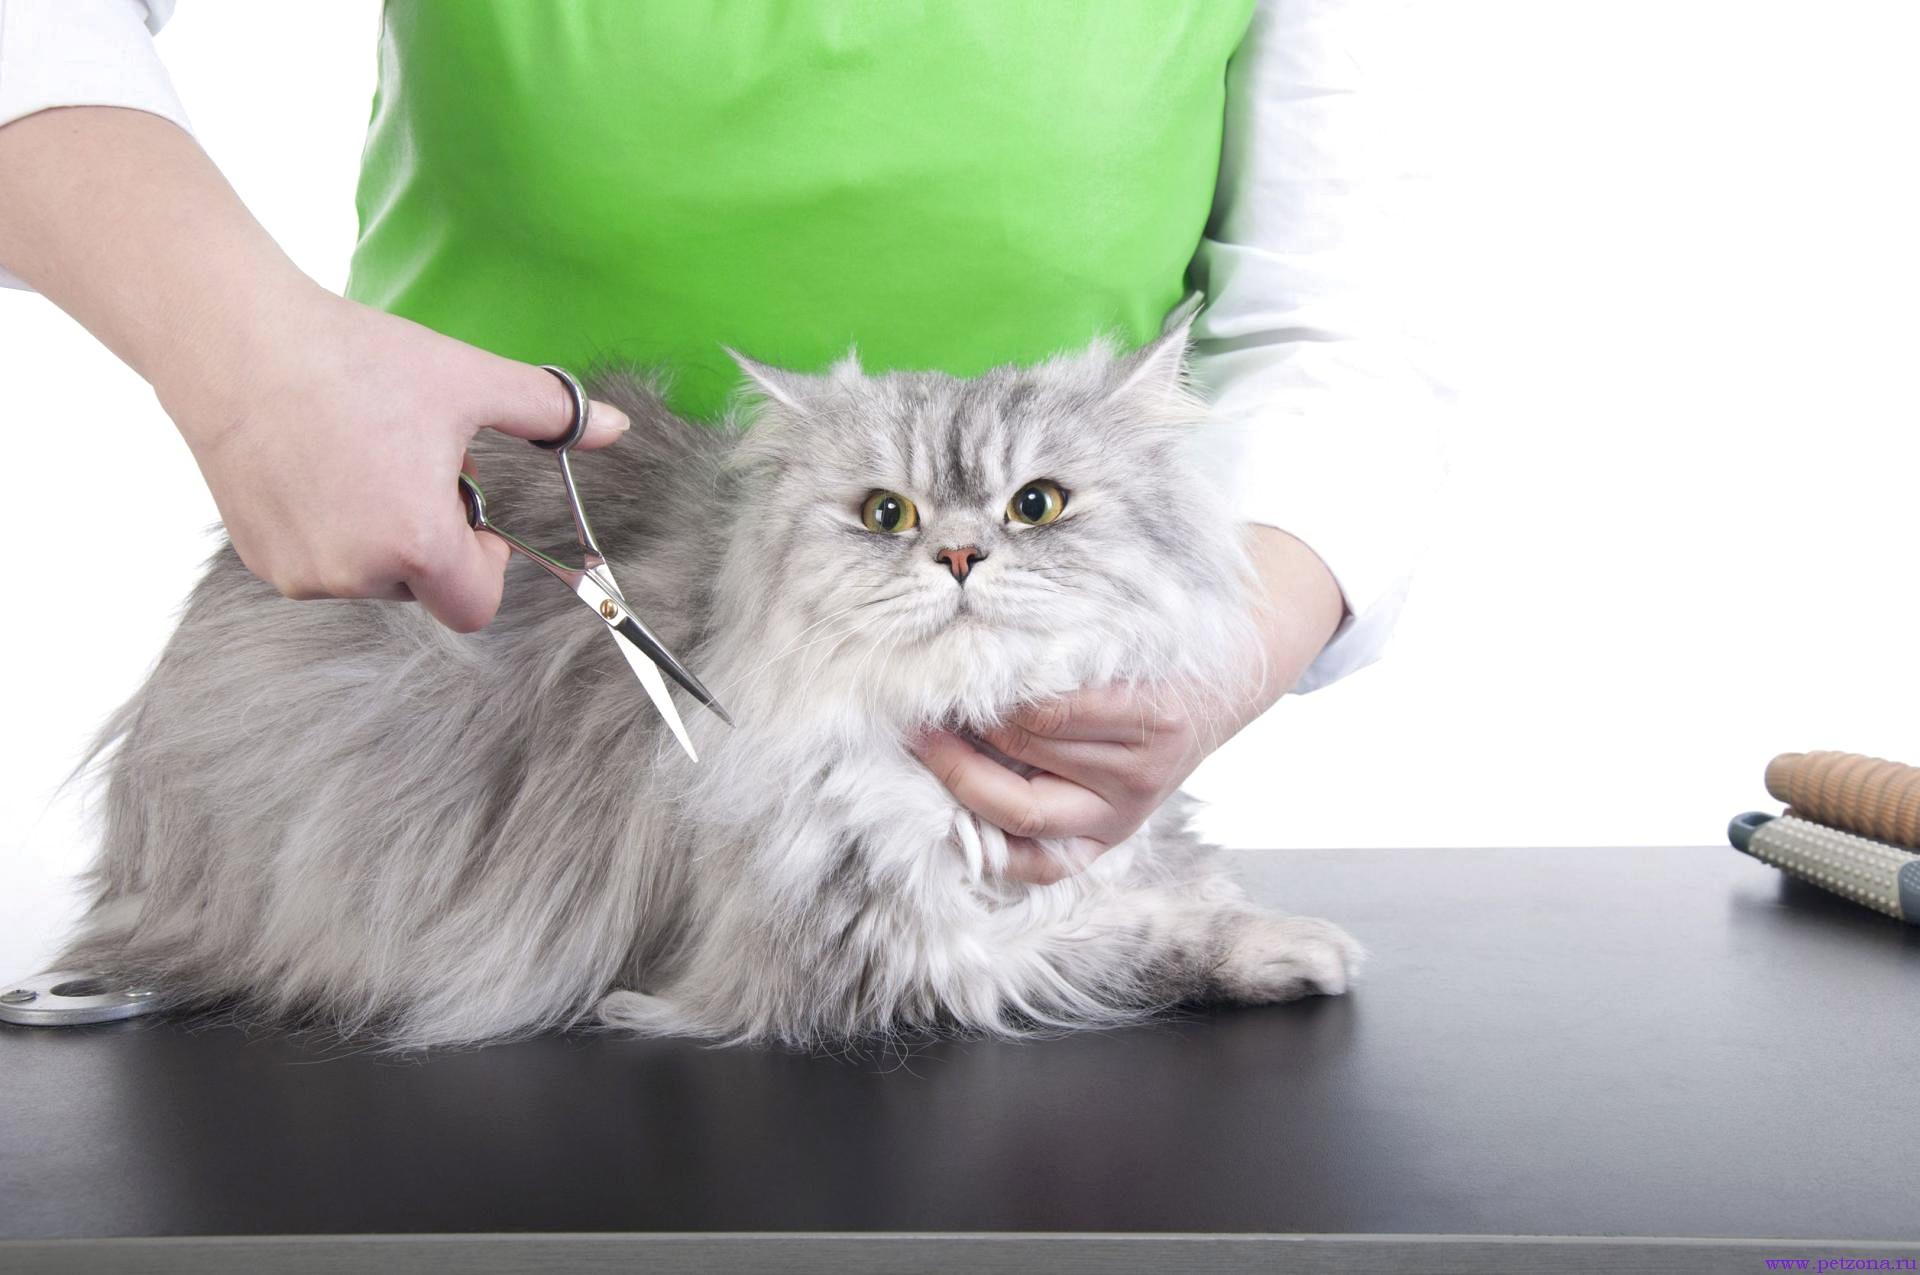 Преимущества стрижки котов на дому